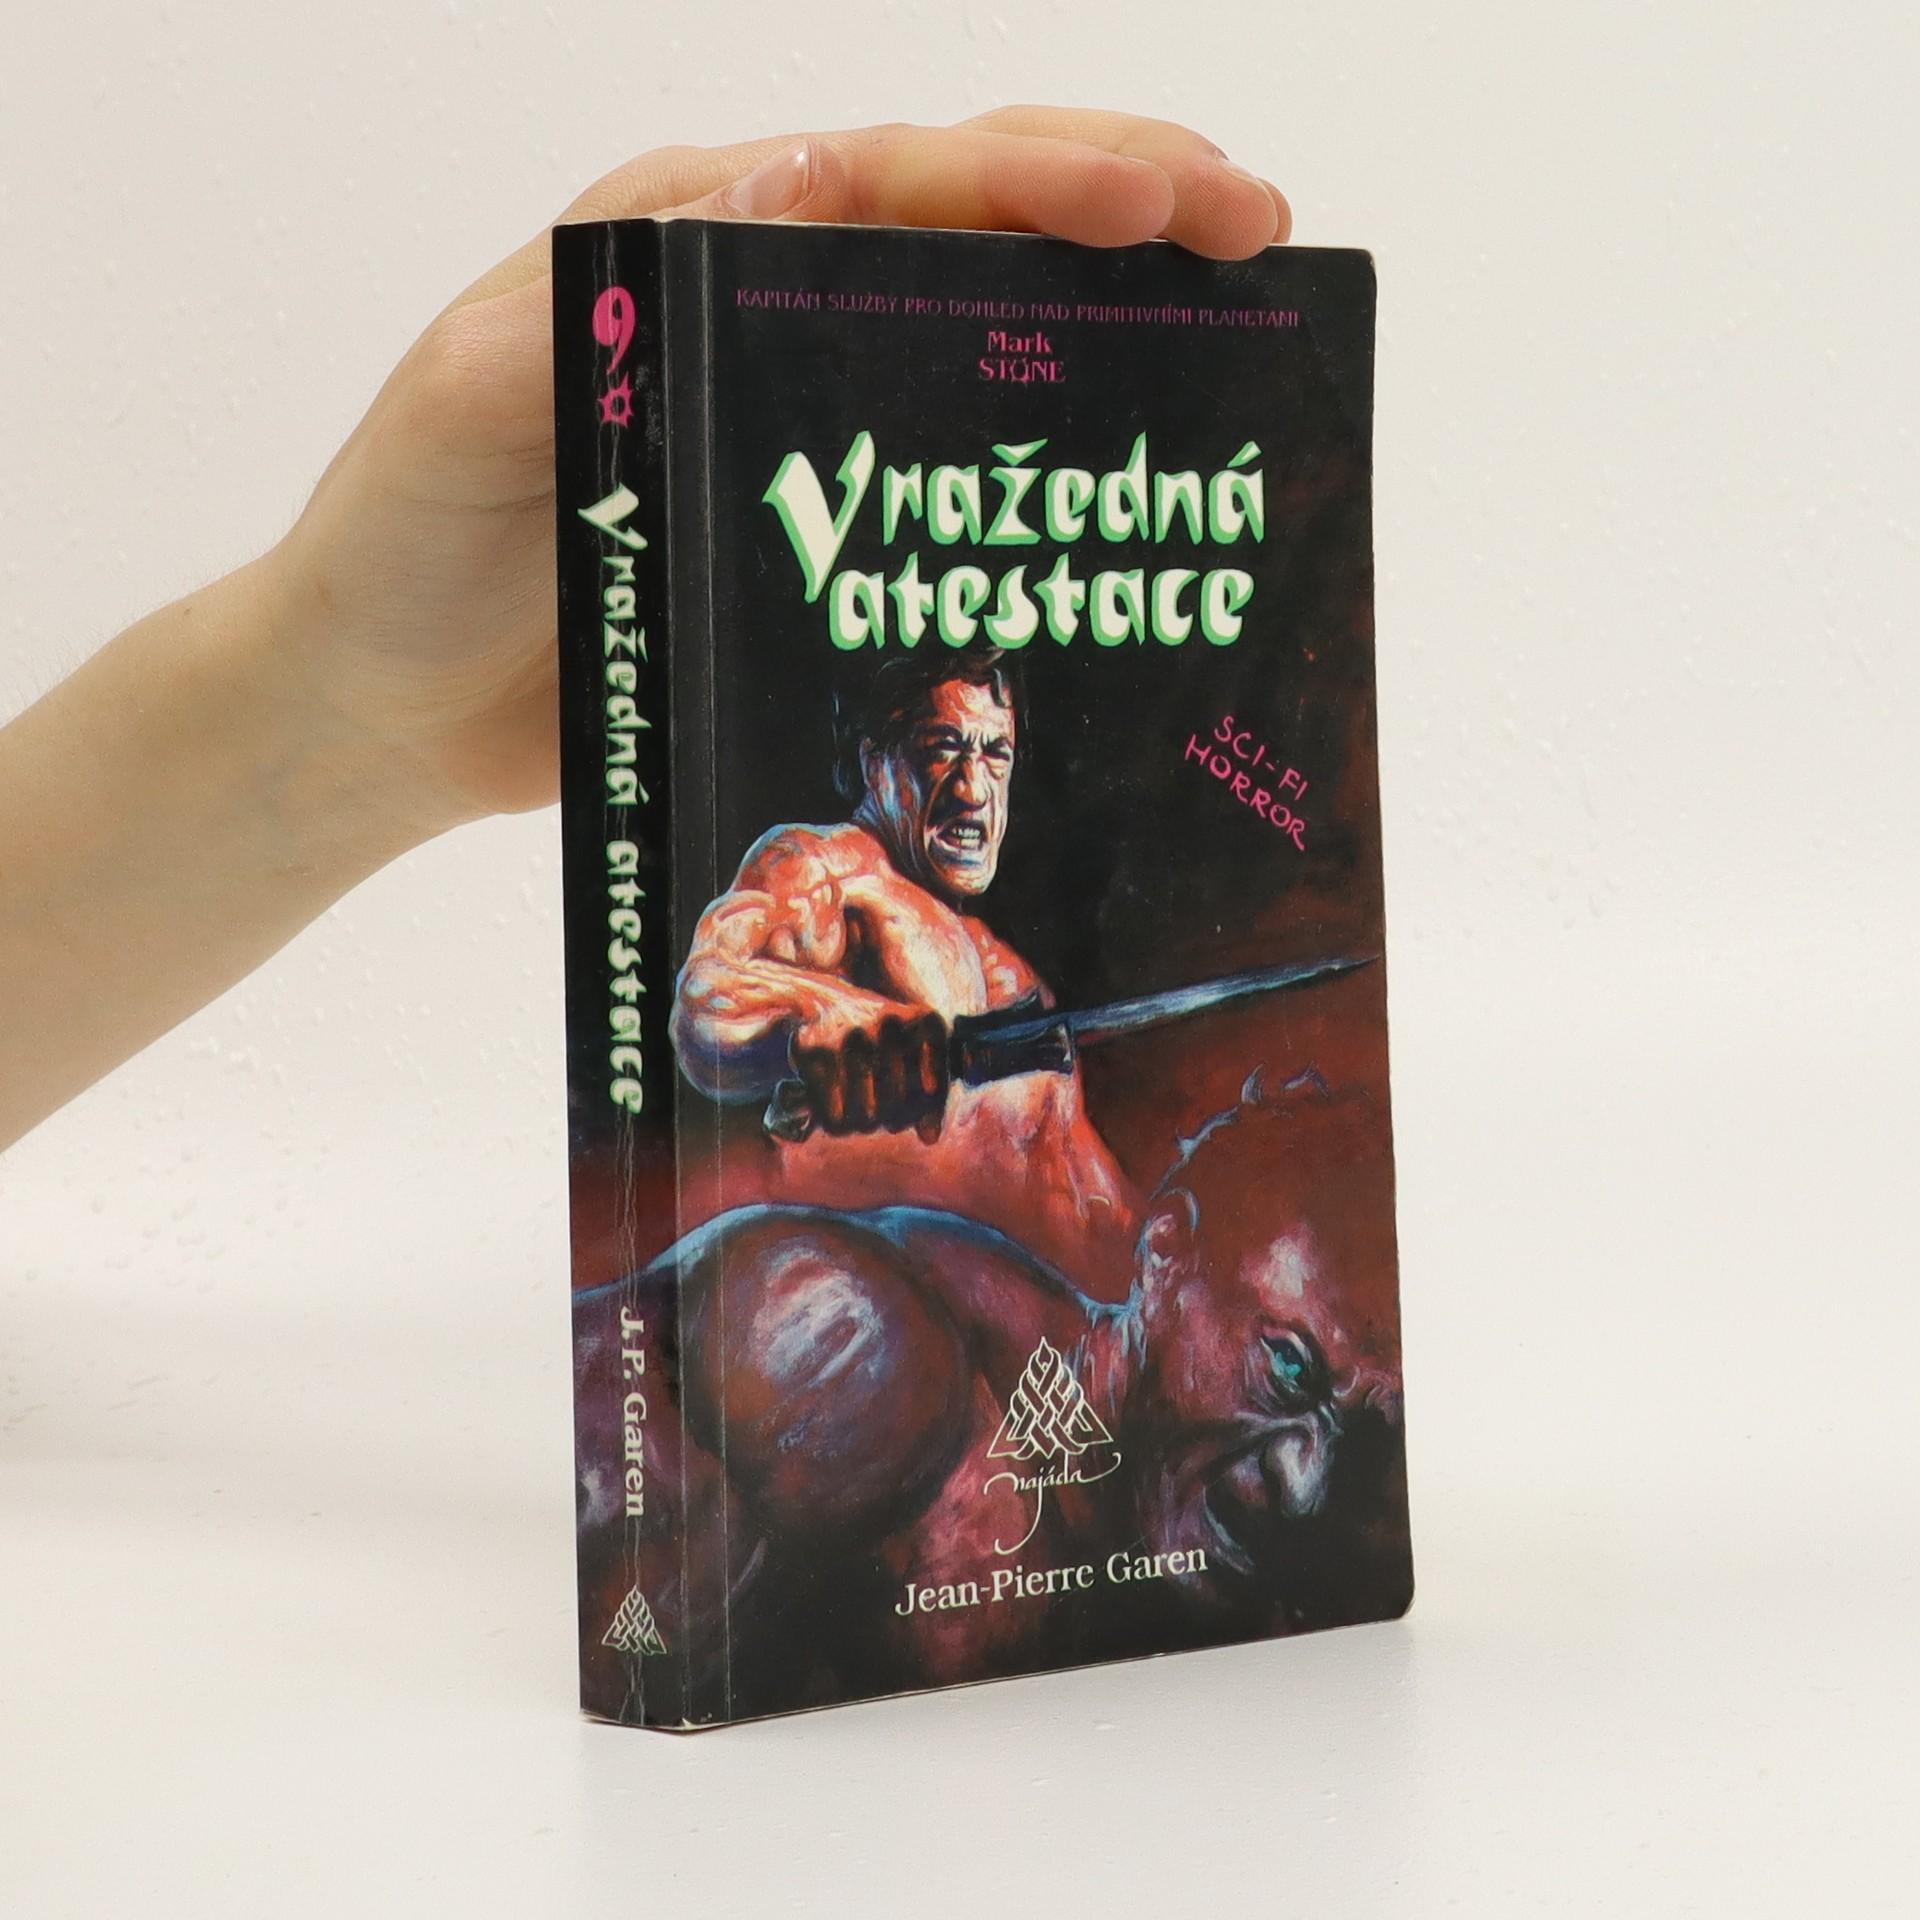 antikvární kniha Vražedná atestace, 1993